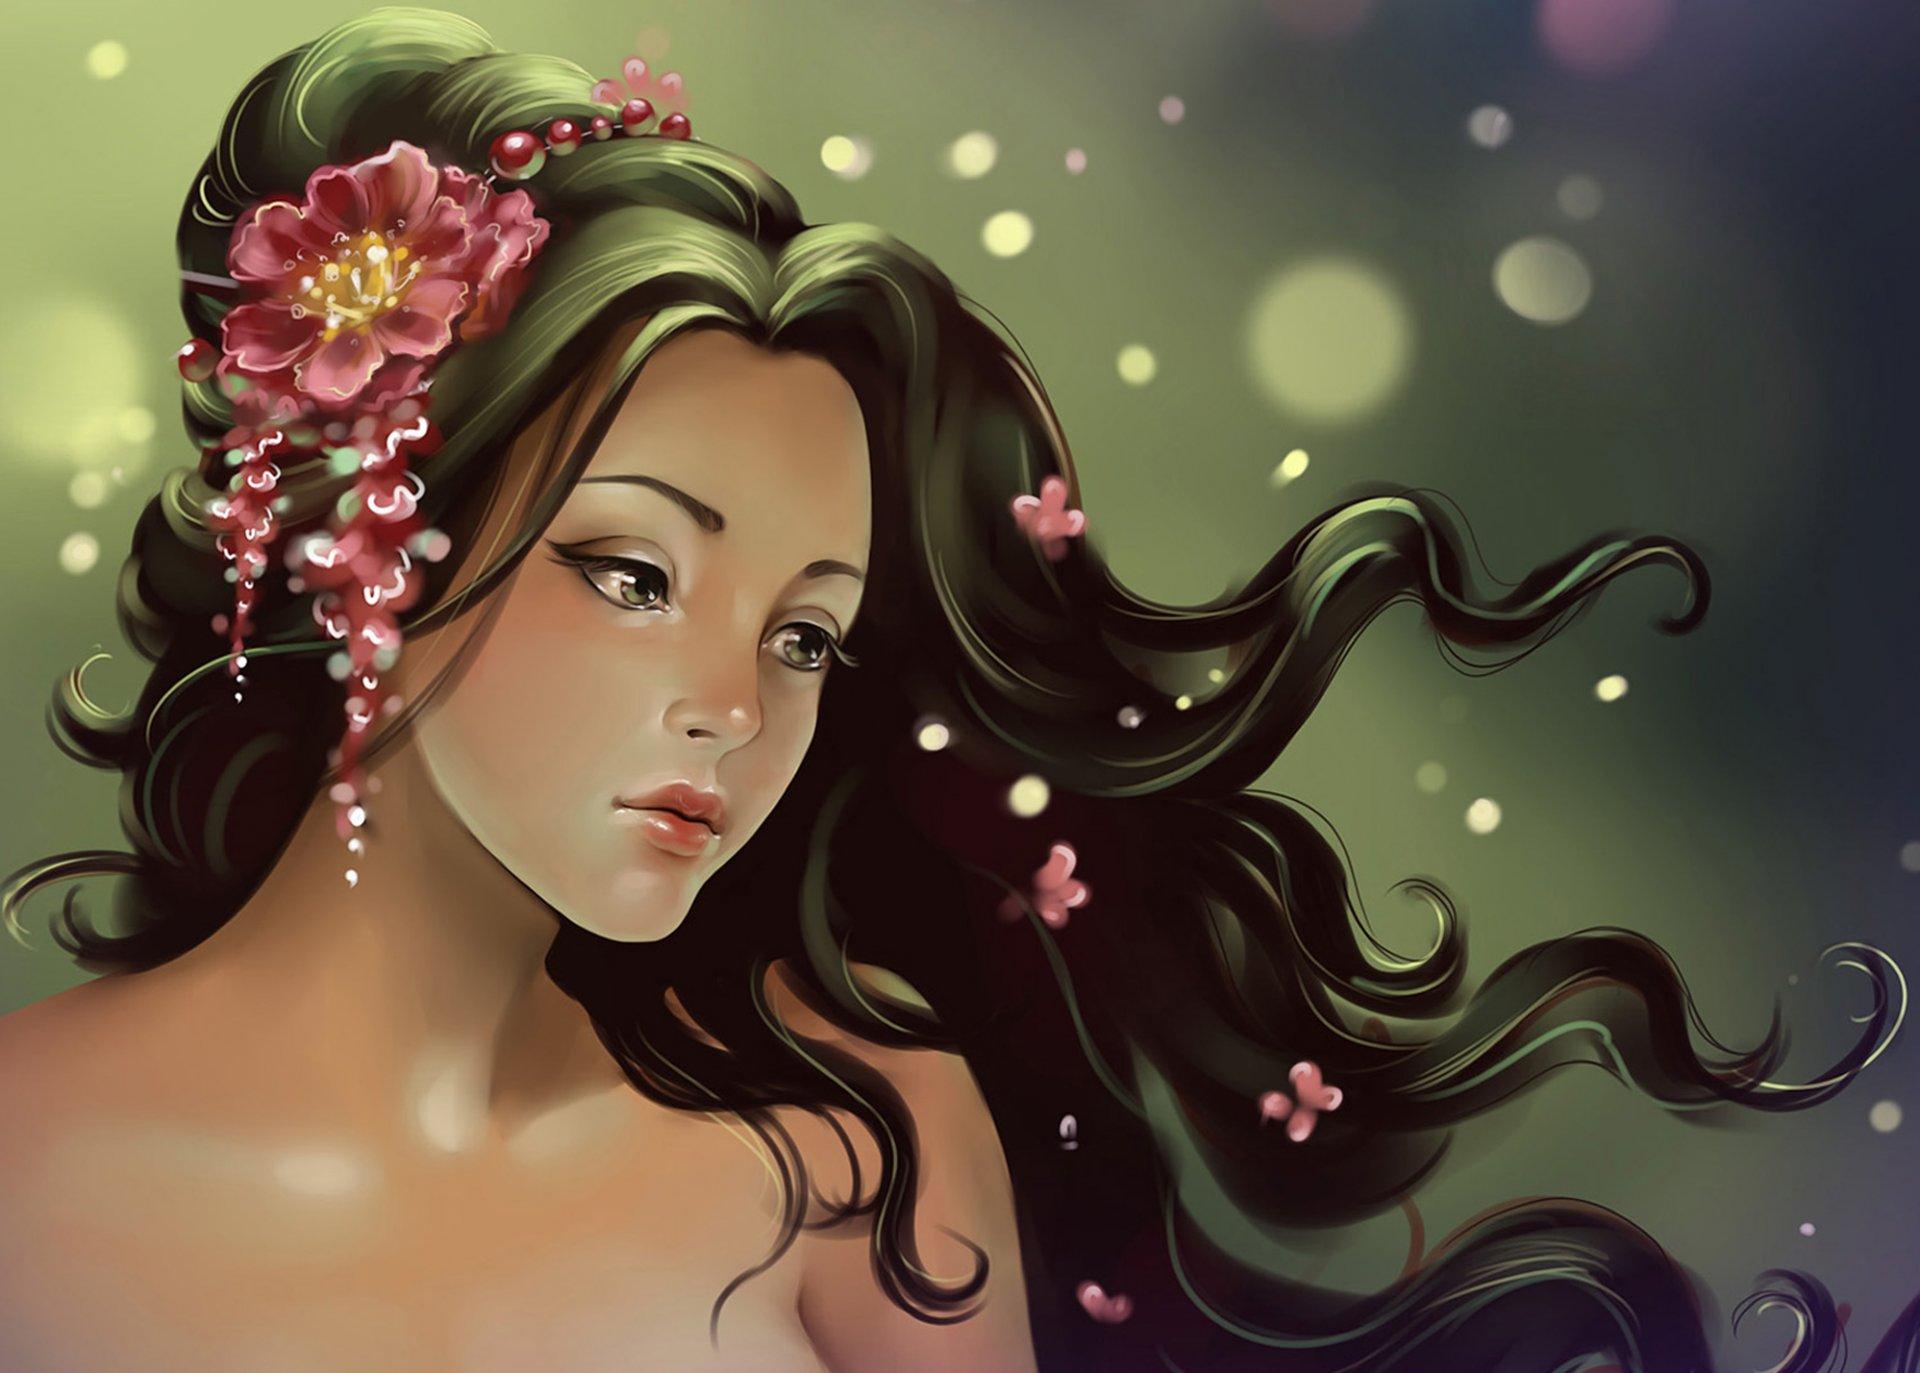 Прикольные картинки девушки красивые нарисованные, курбан-байрам русском